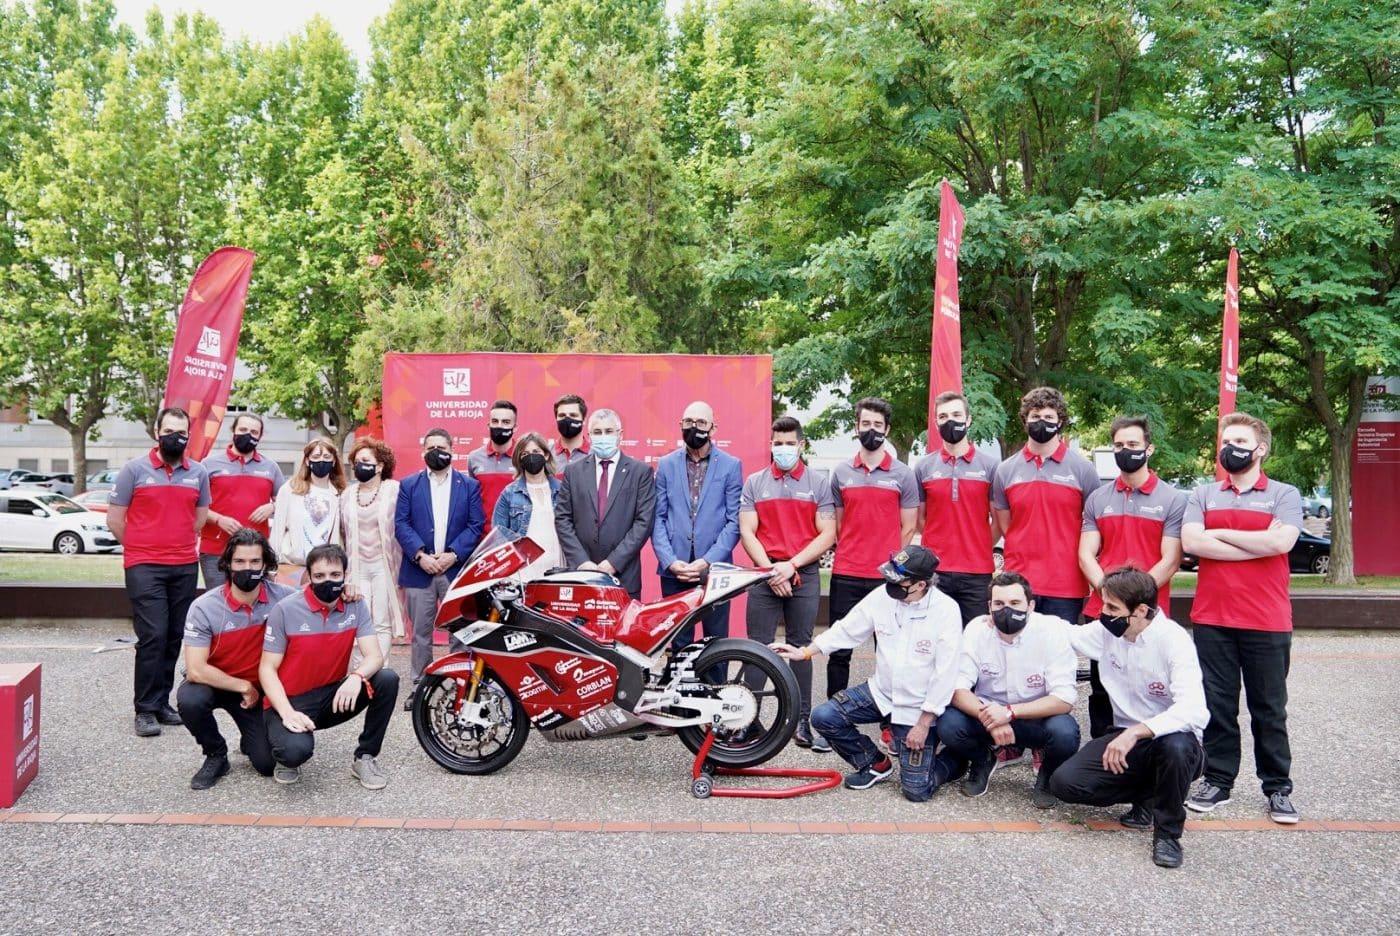 La moto eléctrica de la UR, lista para competir en el VI Certamen Internacional MotoStudent en Alcañiz 3